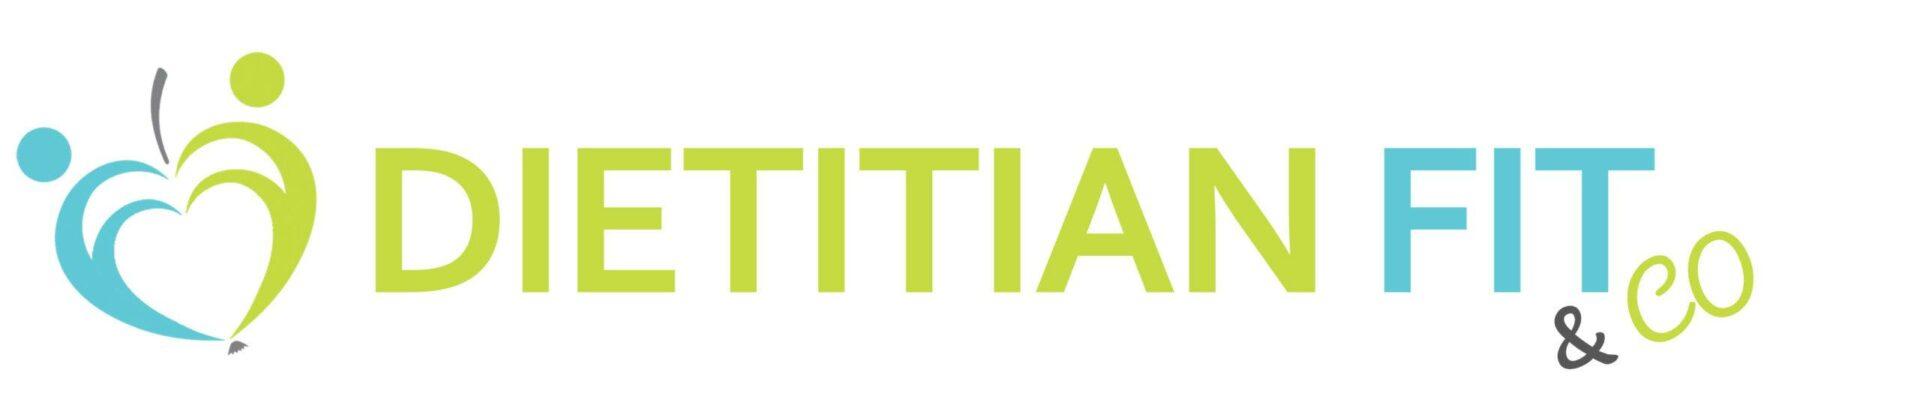 Dietitian Fit